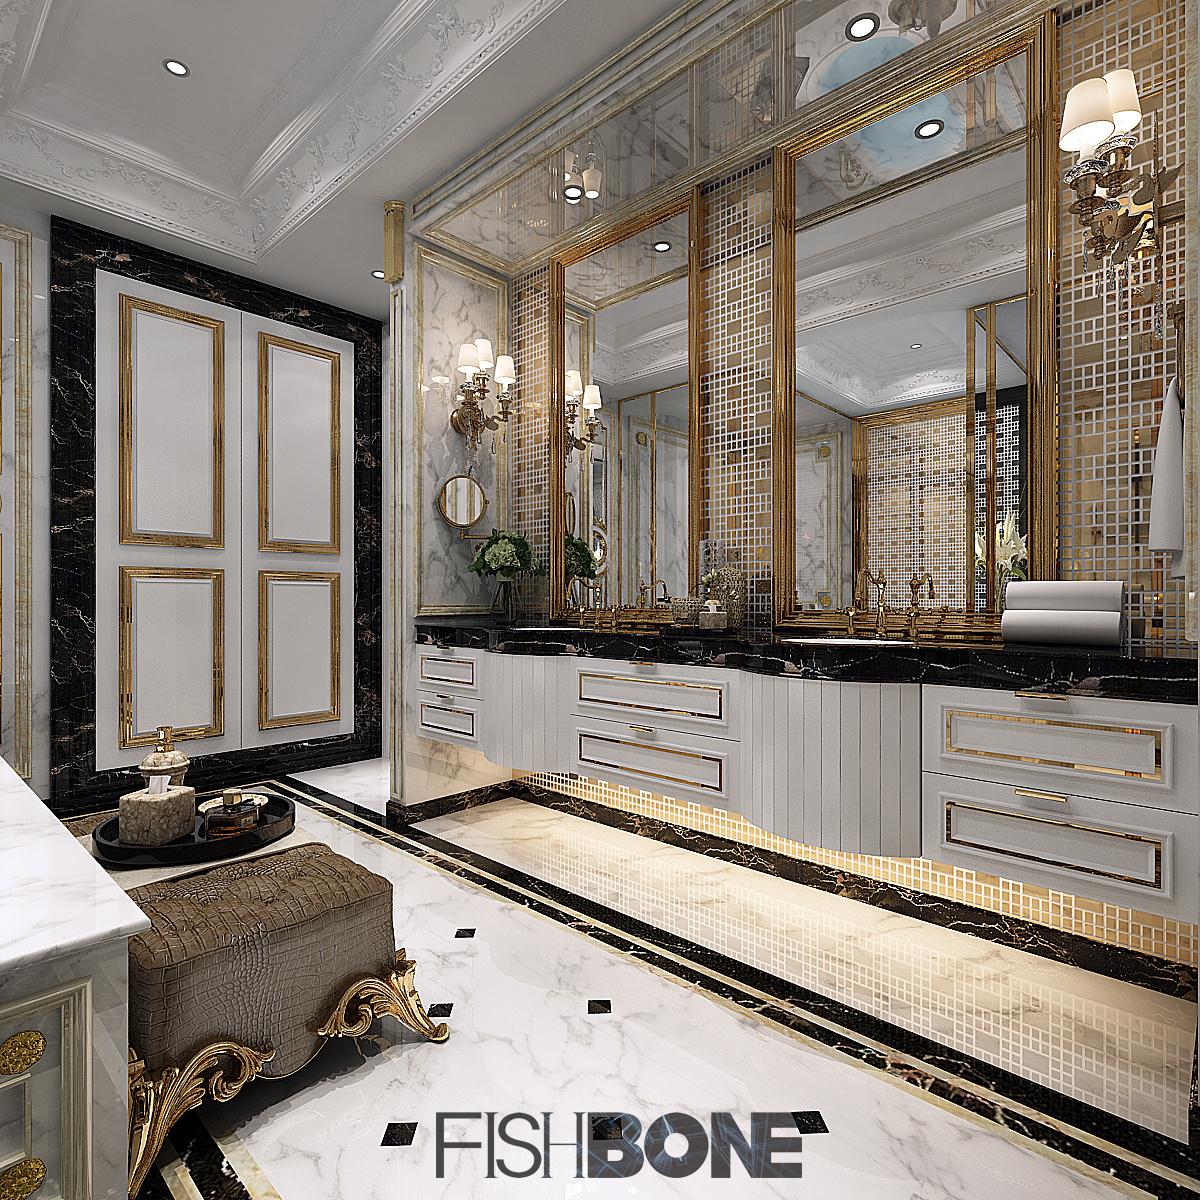 鱼骨设计-巴洛克风格别墅|空间|室内设计|鱼骨设计所